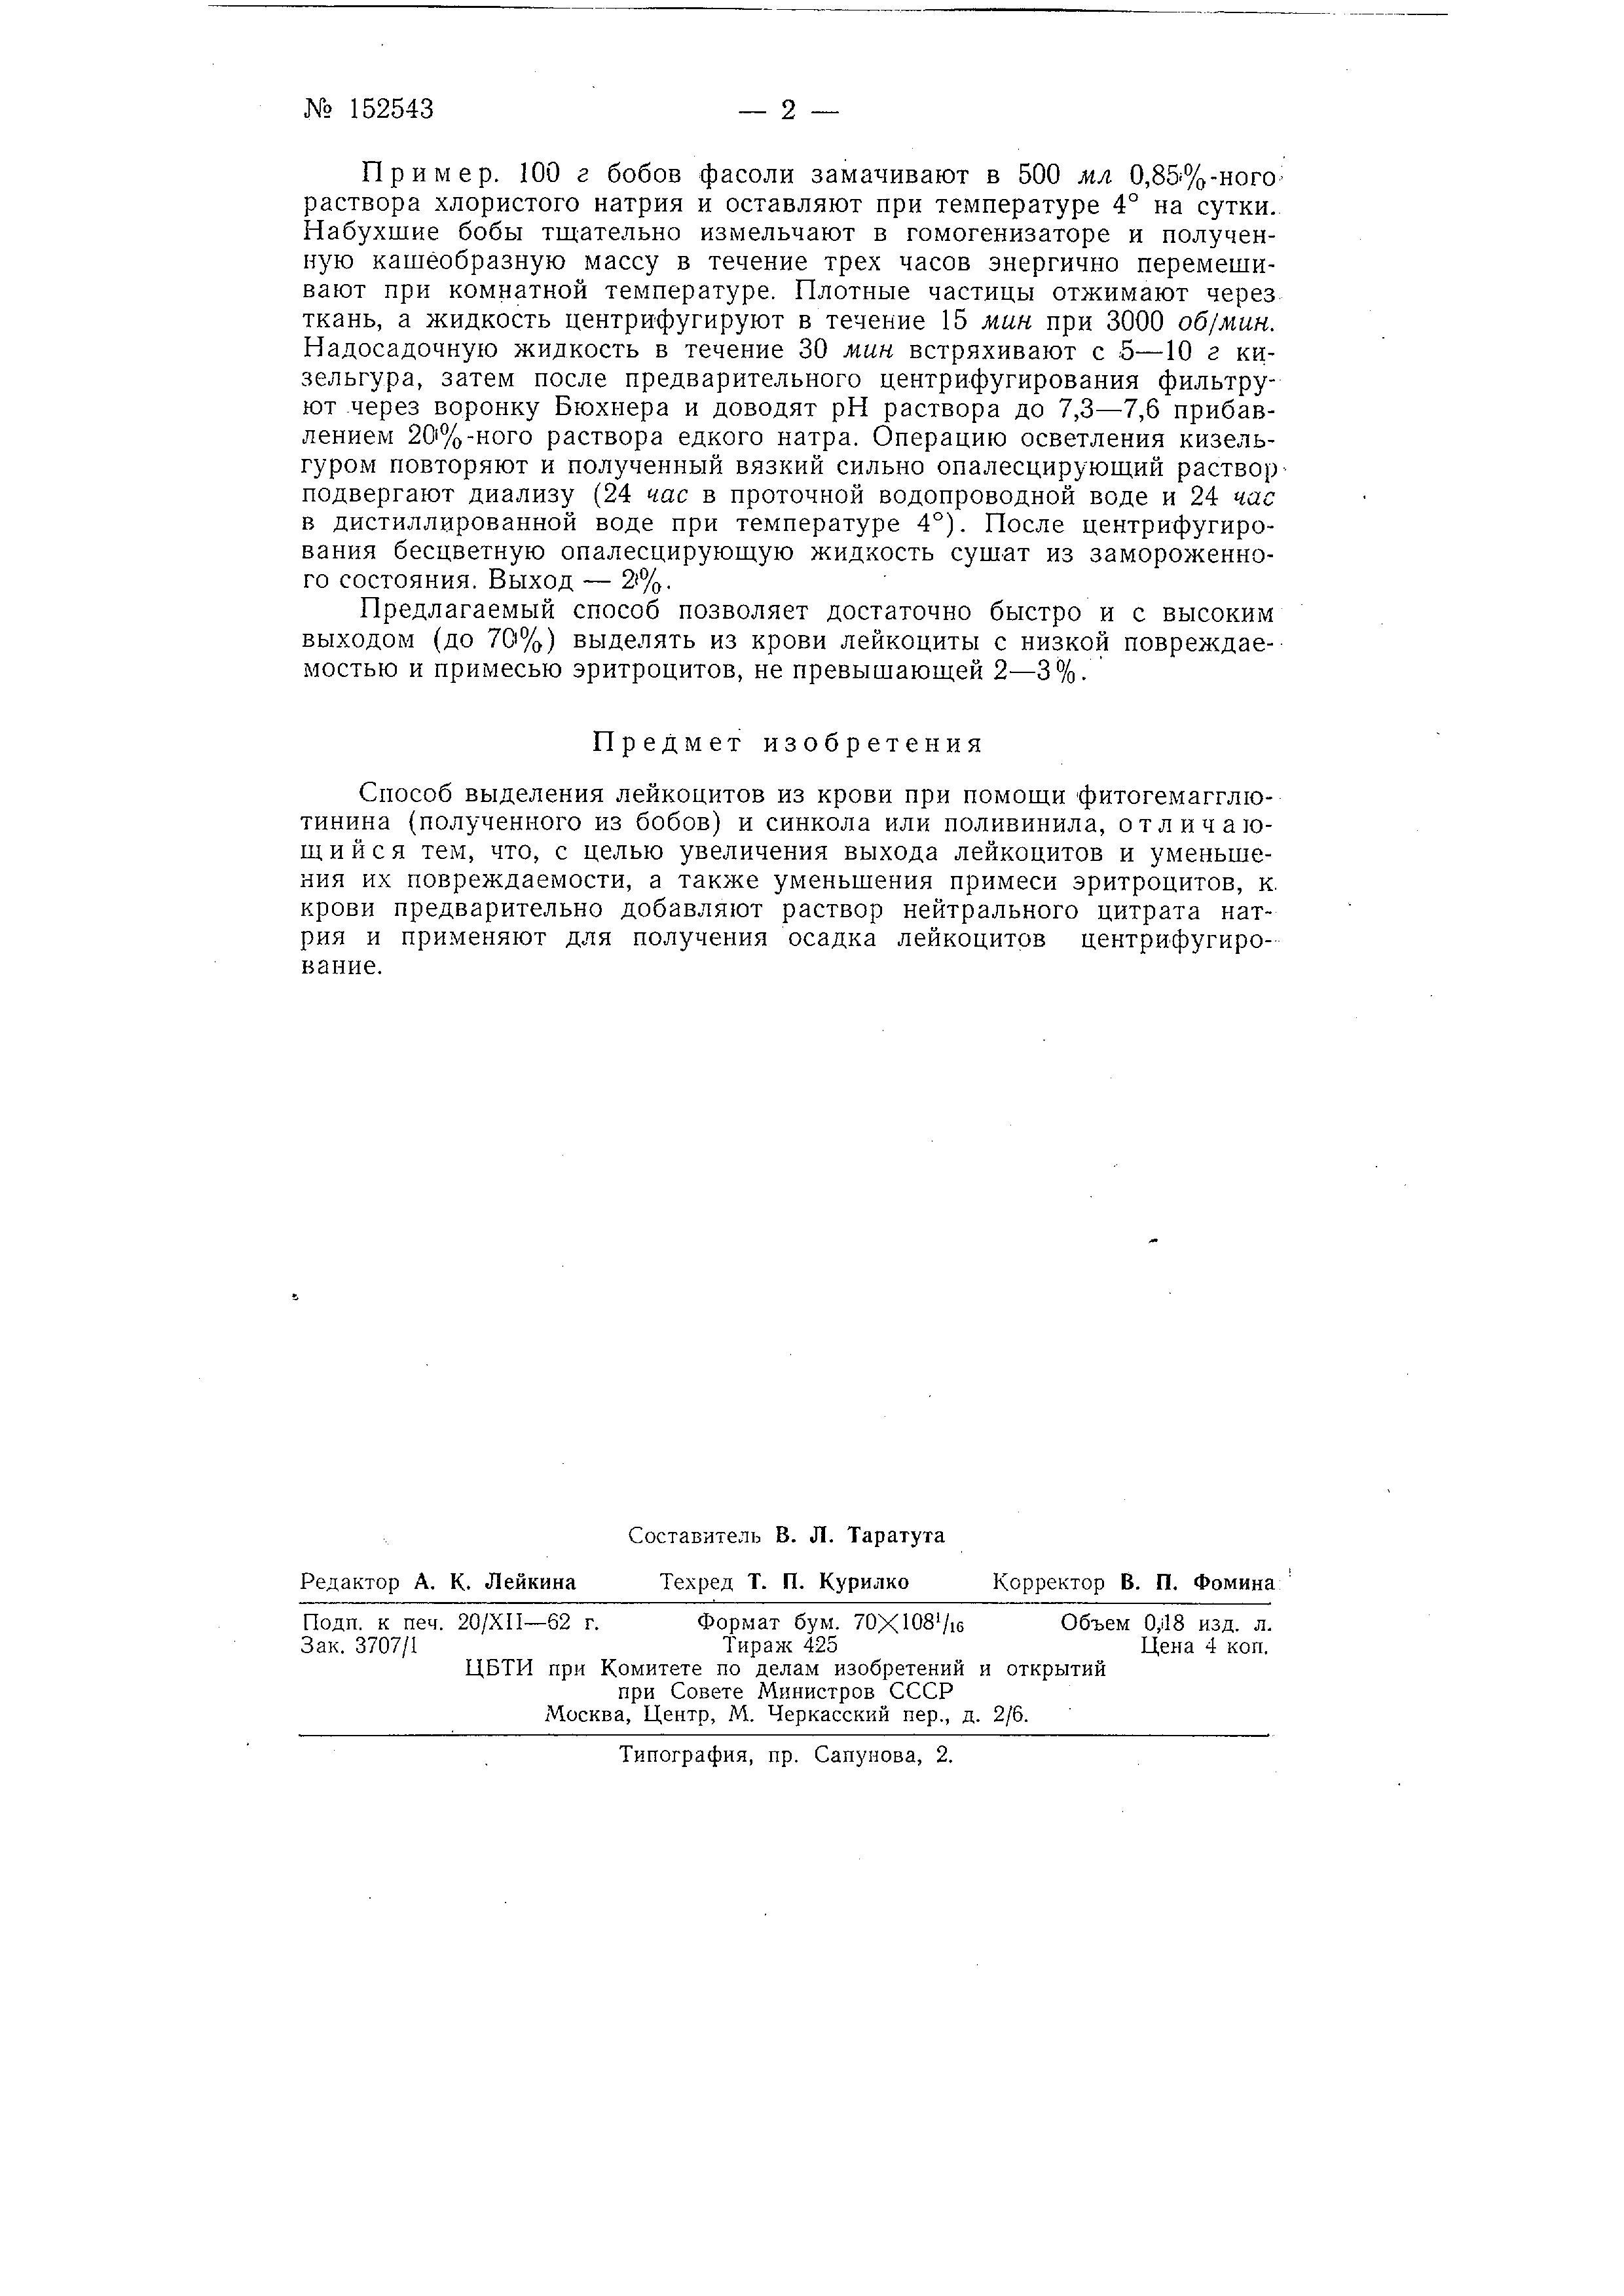 Фитогемагглютинин фото